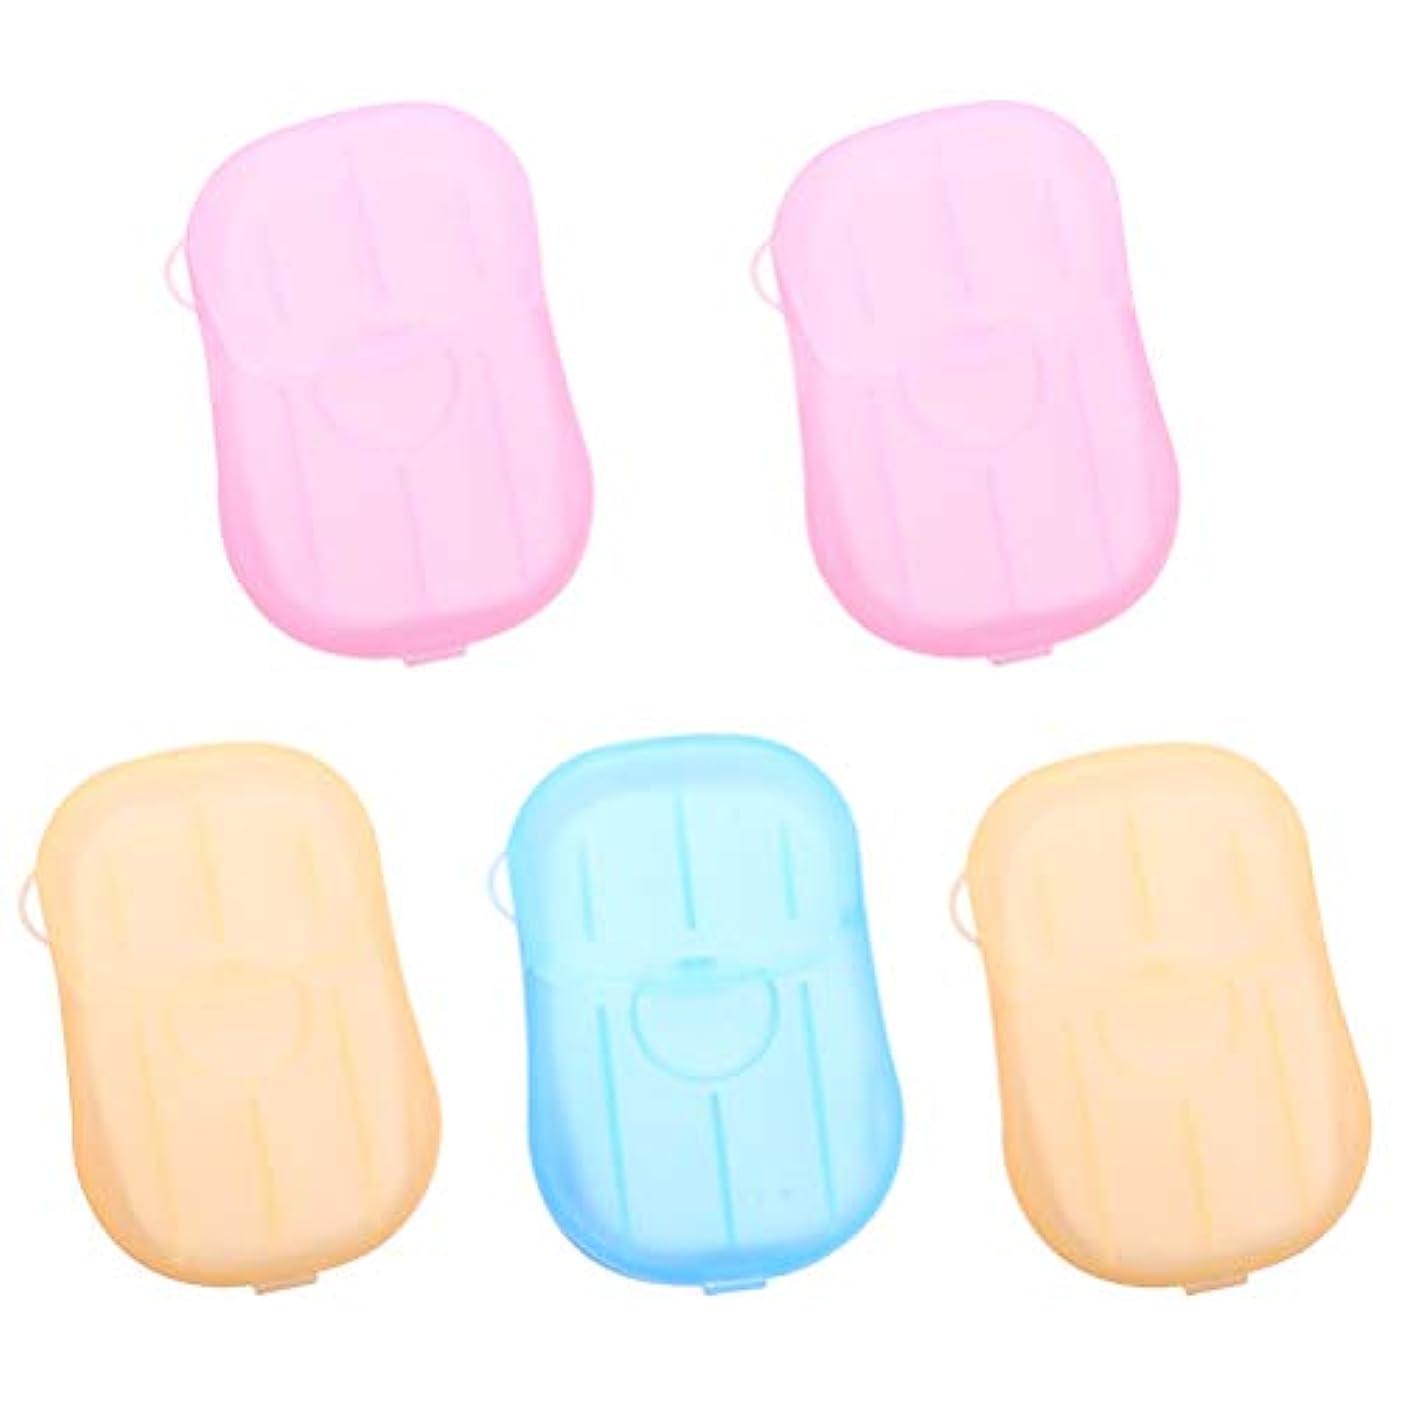 脱獄従者象Healifty 5pcs乾燥石鹸は、発泡ボックスの紙の石鹸のフレークを洗うハンドバス石鹸のスライドシート